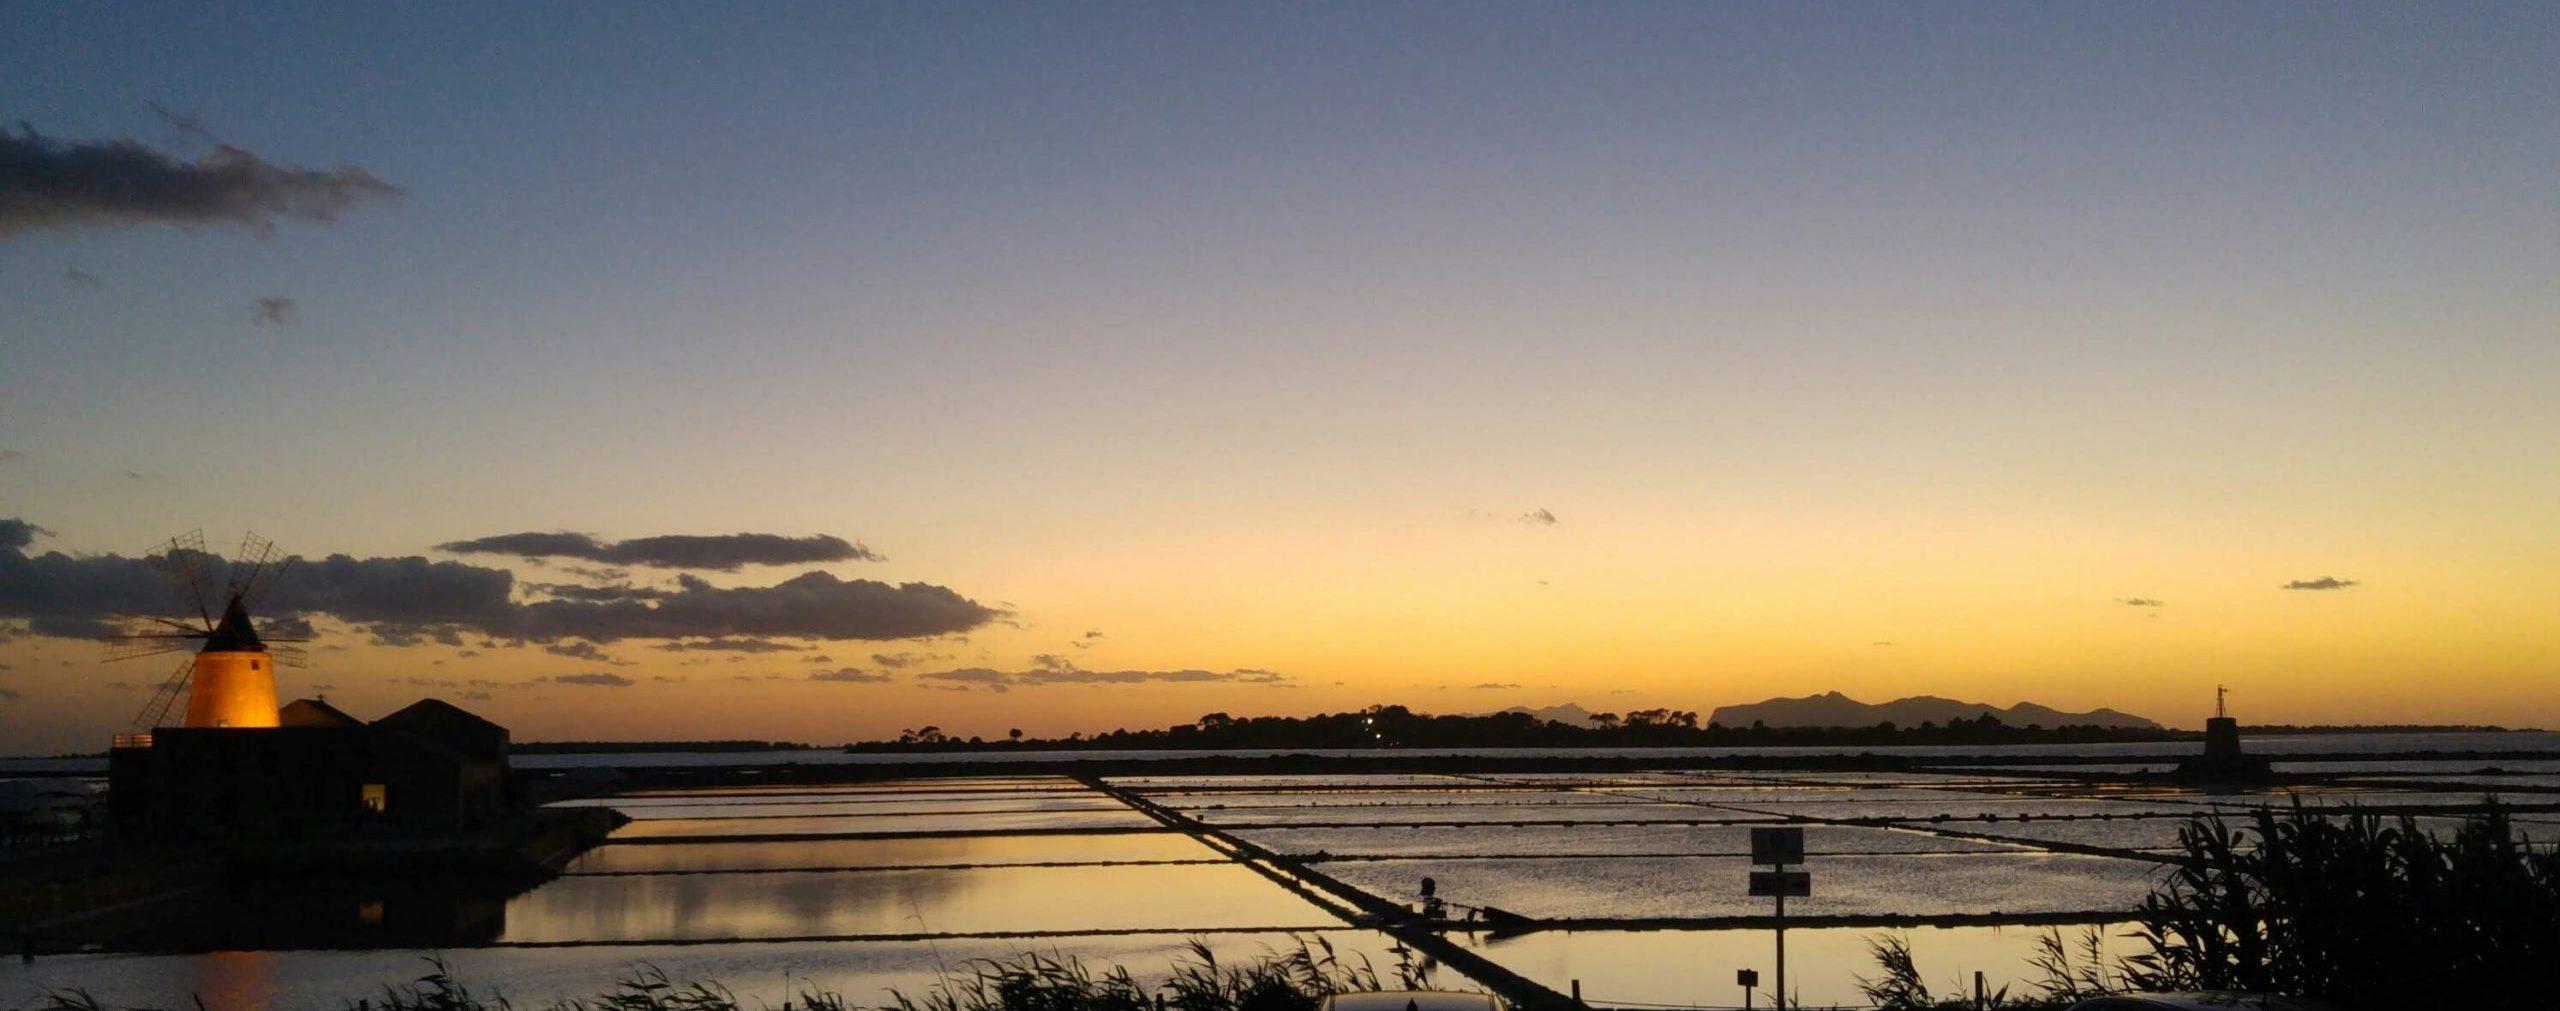 Il sole tramonta sulle vasche delle saline di Trapani